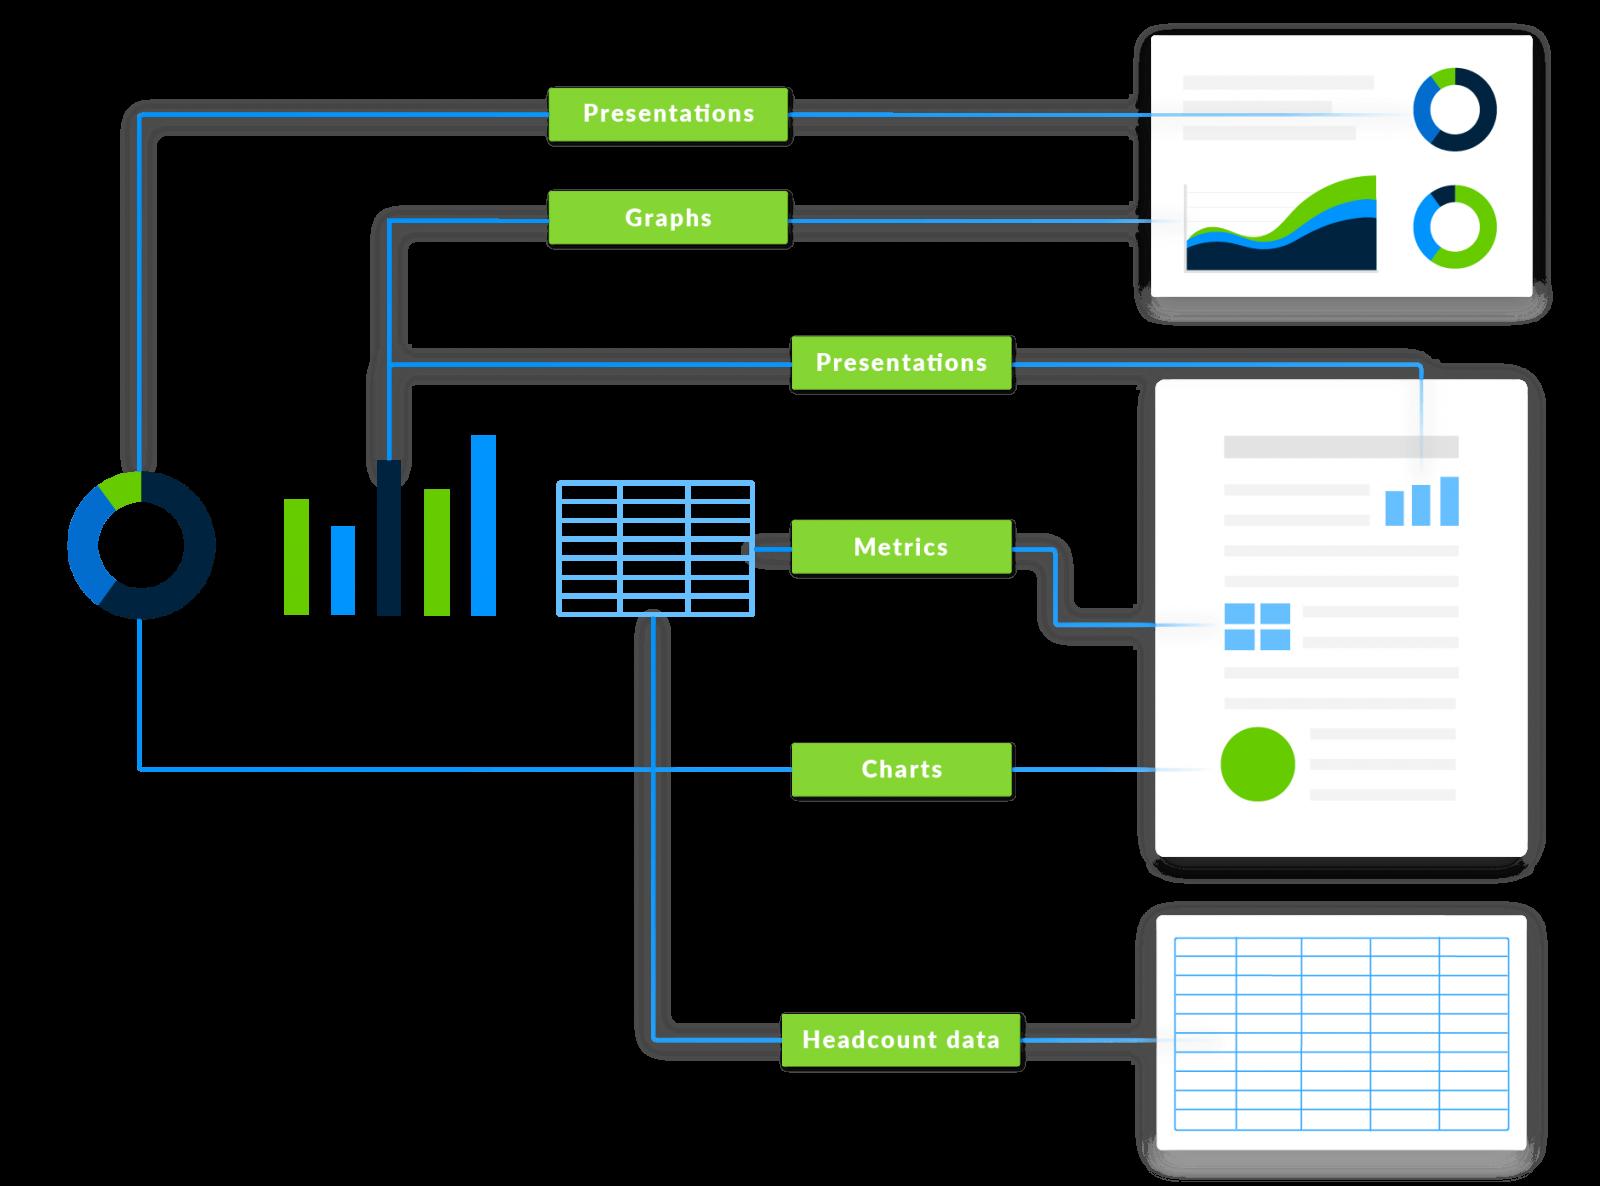 Abbildung zur Veranschaulichung der Verknüpfung von Daten mit Präsentationen, Grafiken oder Diagrammen über die Workiva-Plattform